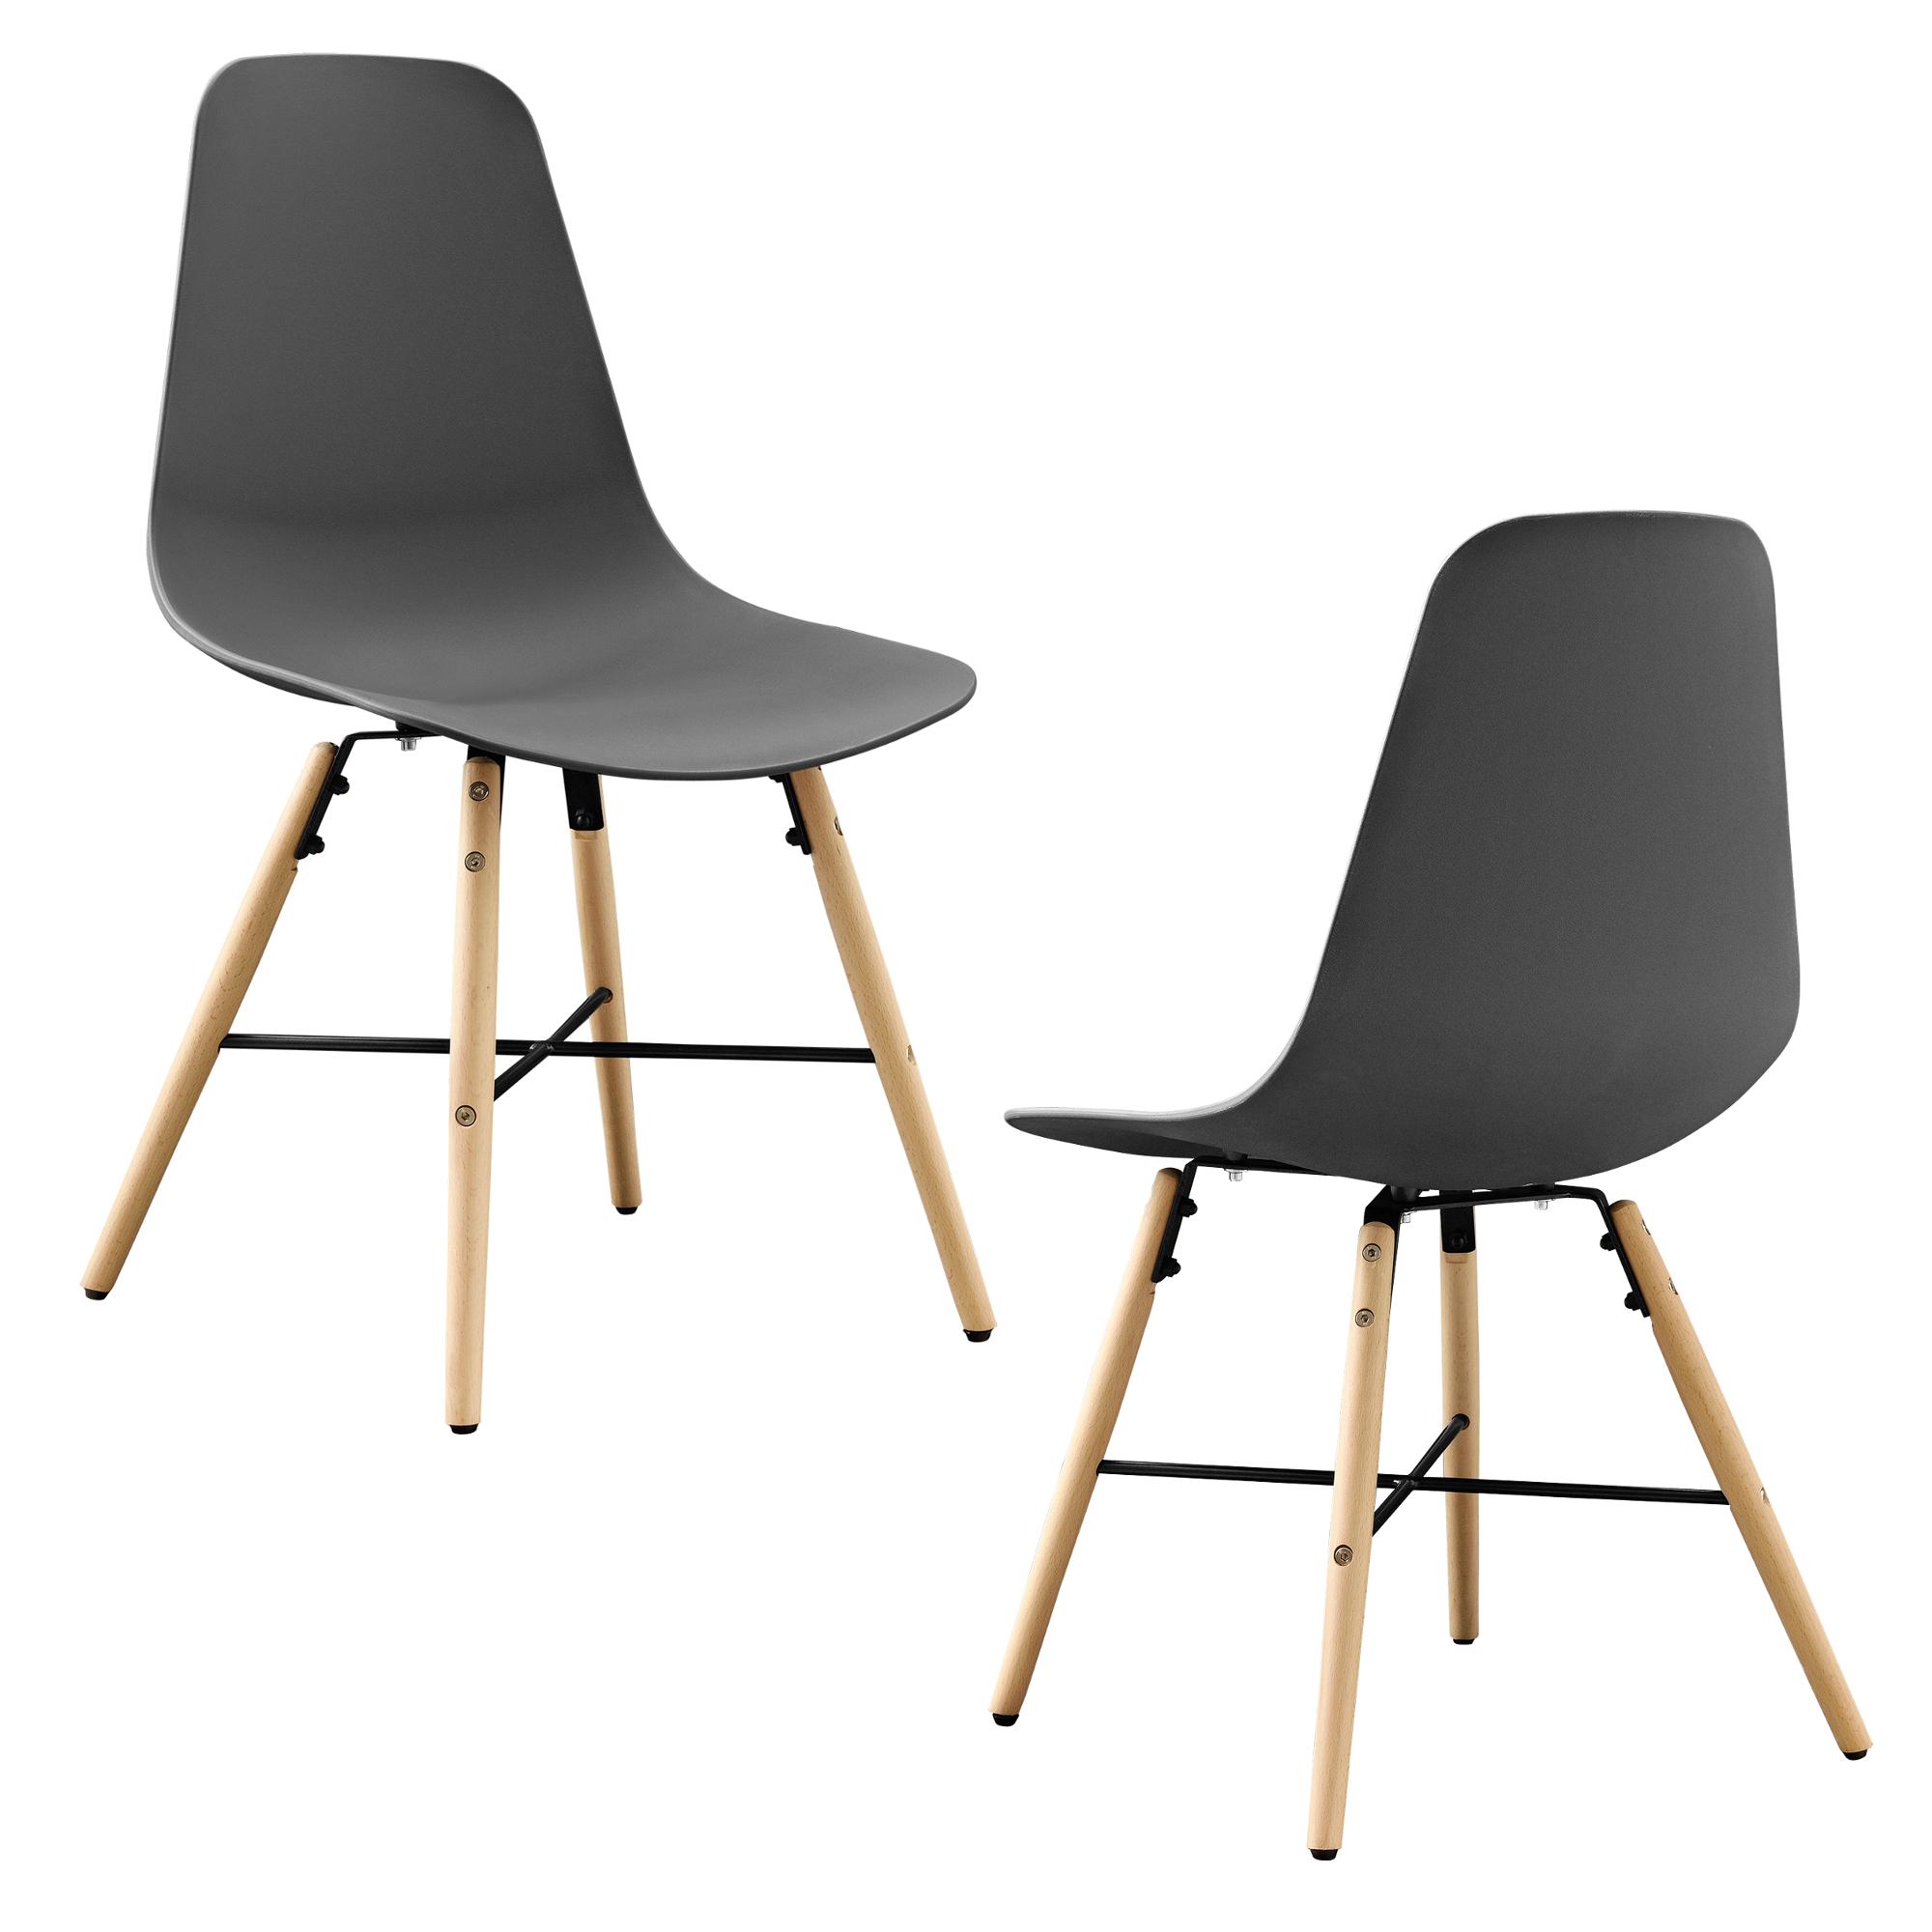 Jeu de 2 chaise salle manger gris plastique for Chaise de salle a manger en plastique